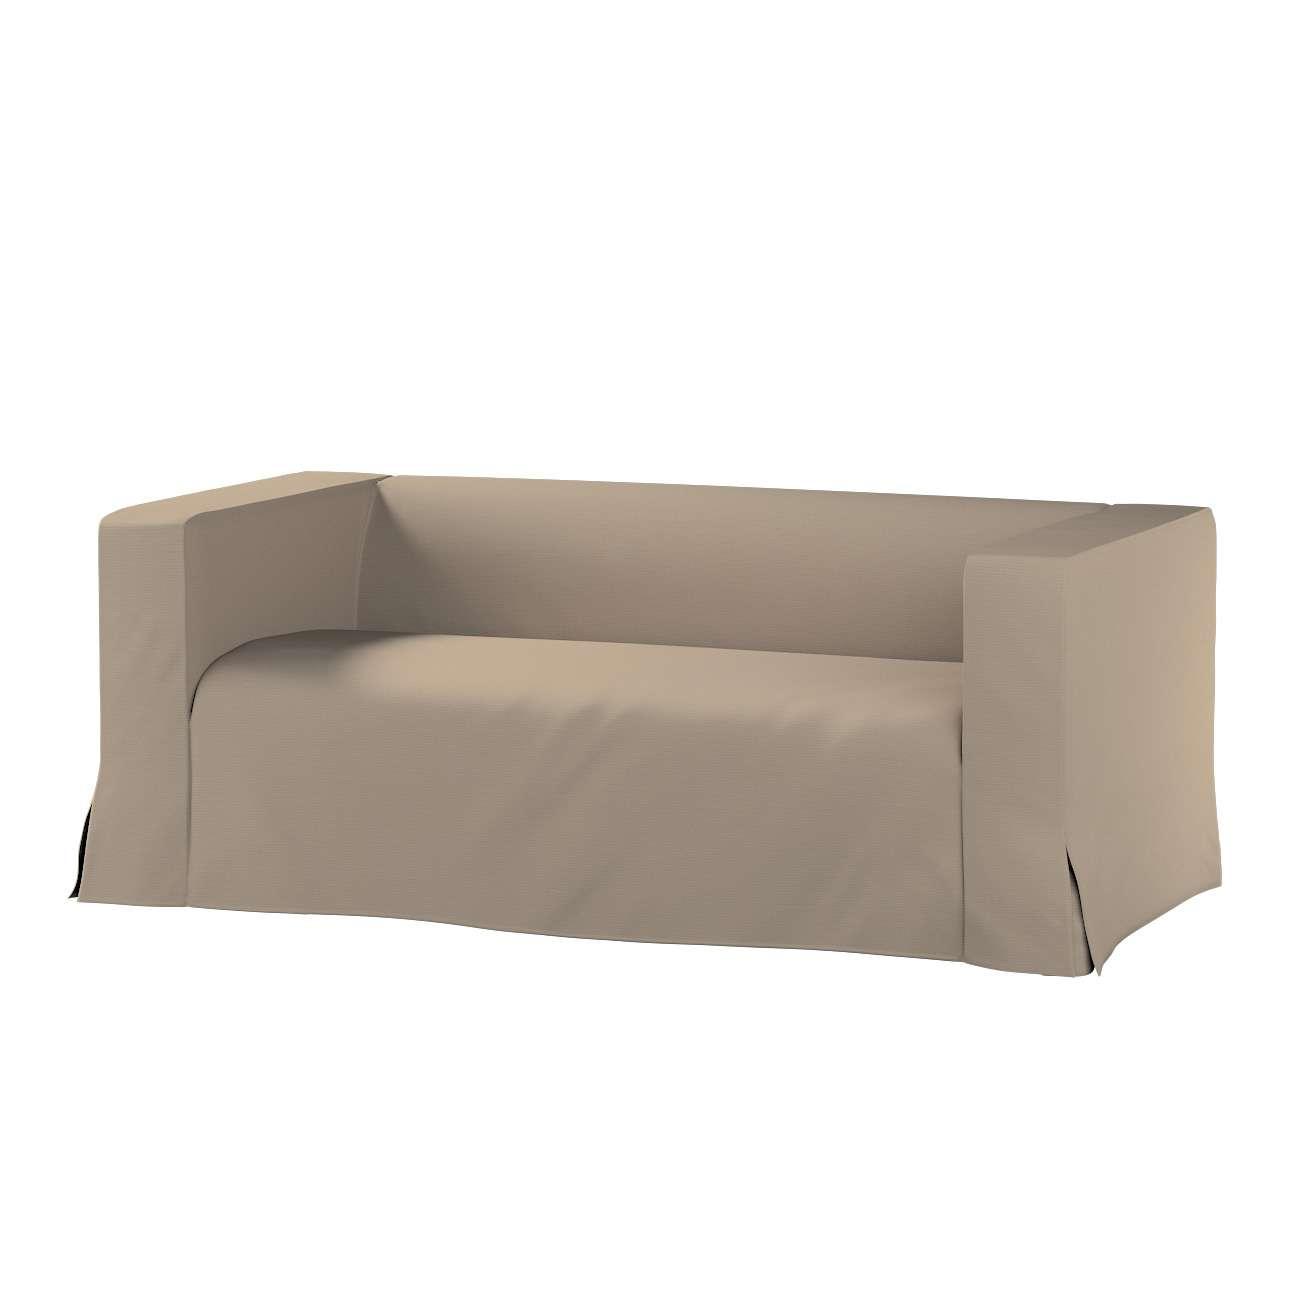 Klippan dvivietės sofos užvalkalas (ilgas, iki žemės) Klippan dvivietės sofos užvalkalas (ilgas, iki žemės) kolekcijoje Cotton Panama, audinys: 702-28